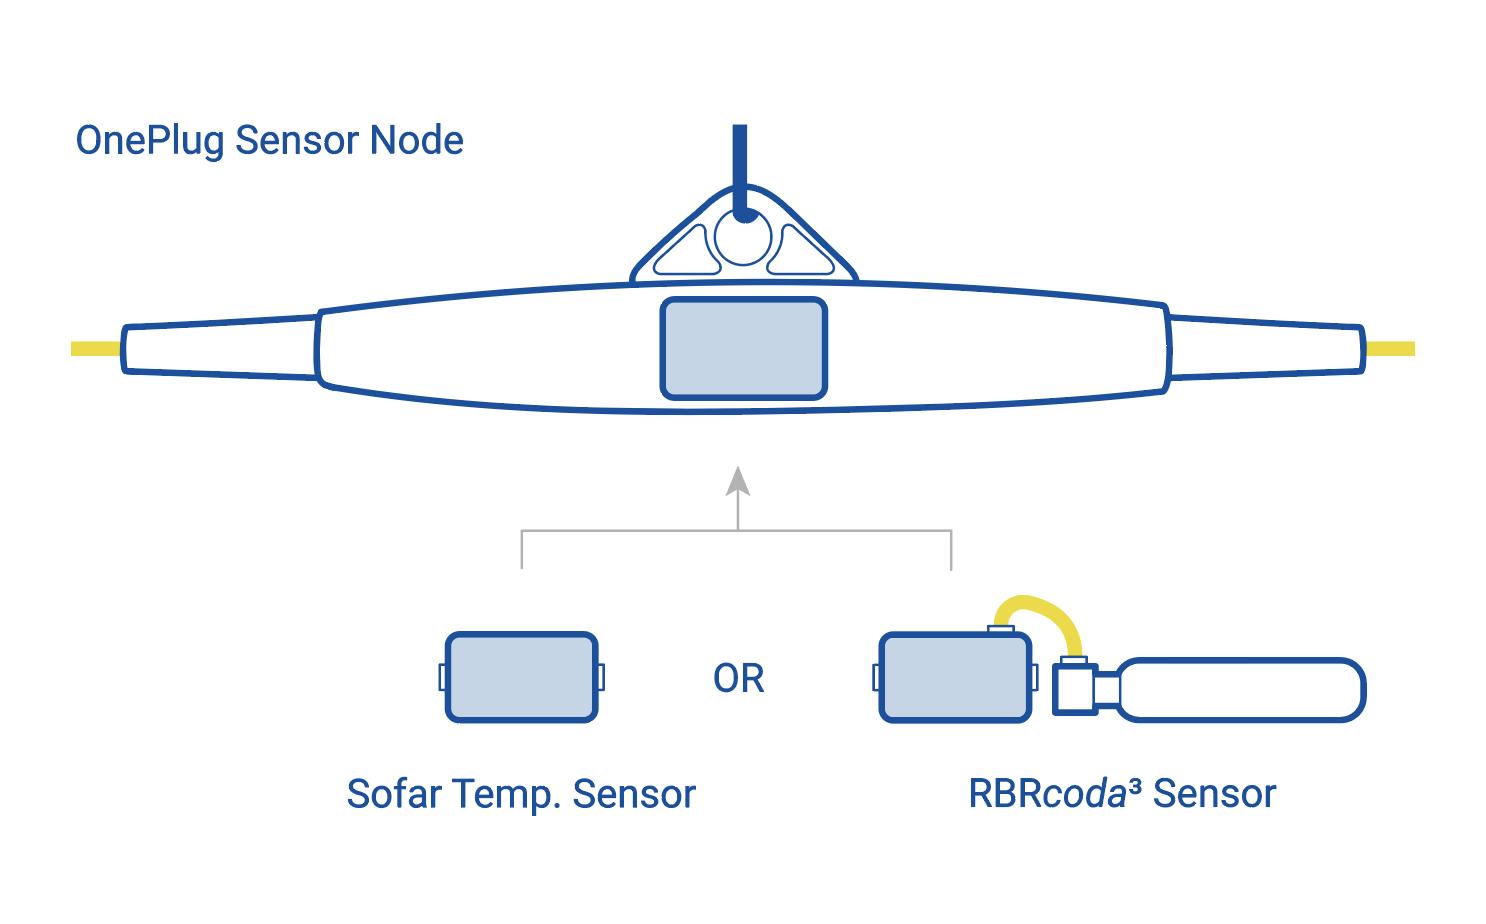 OnePlug Sensor Node